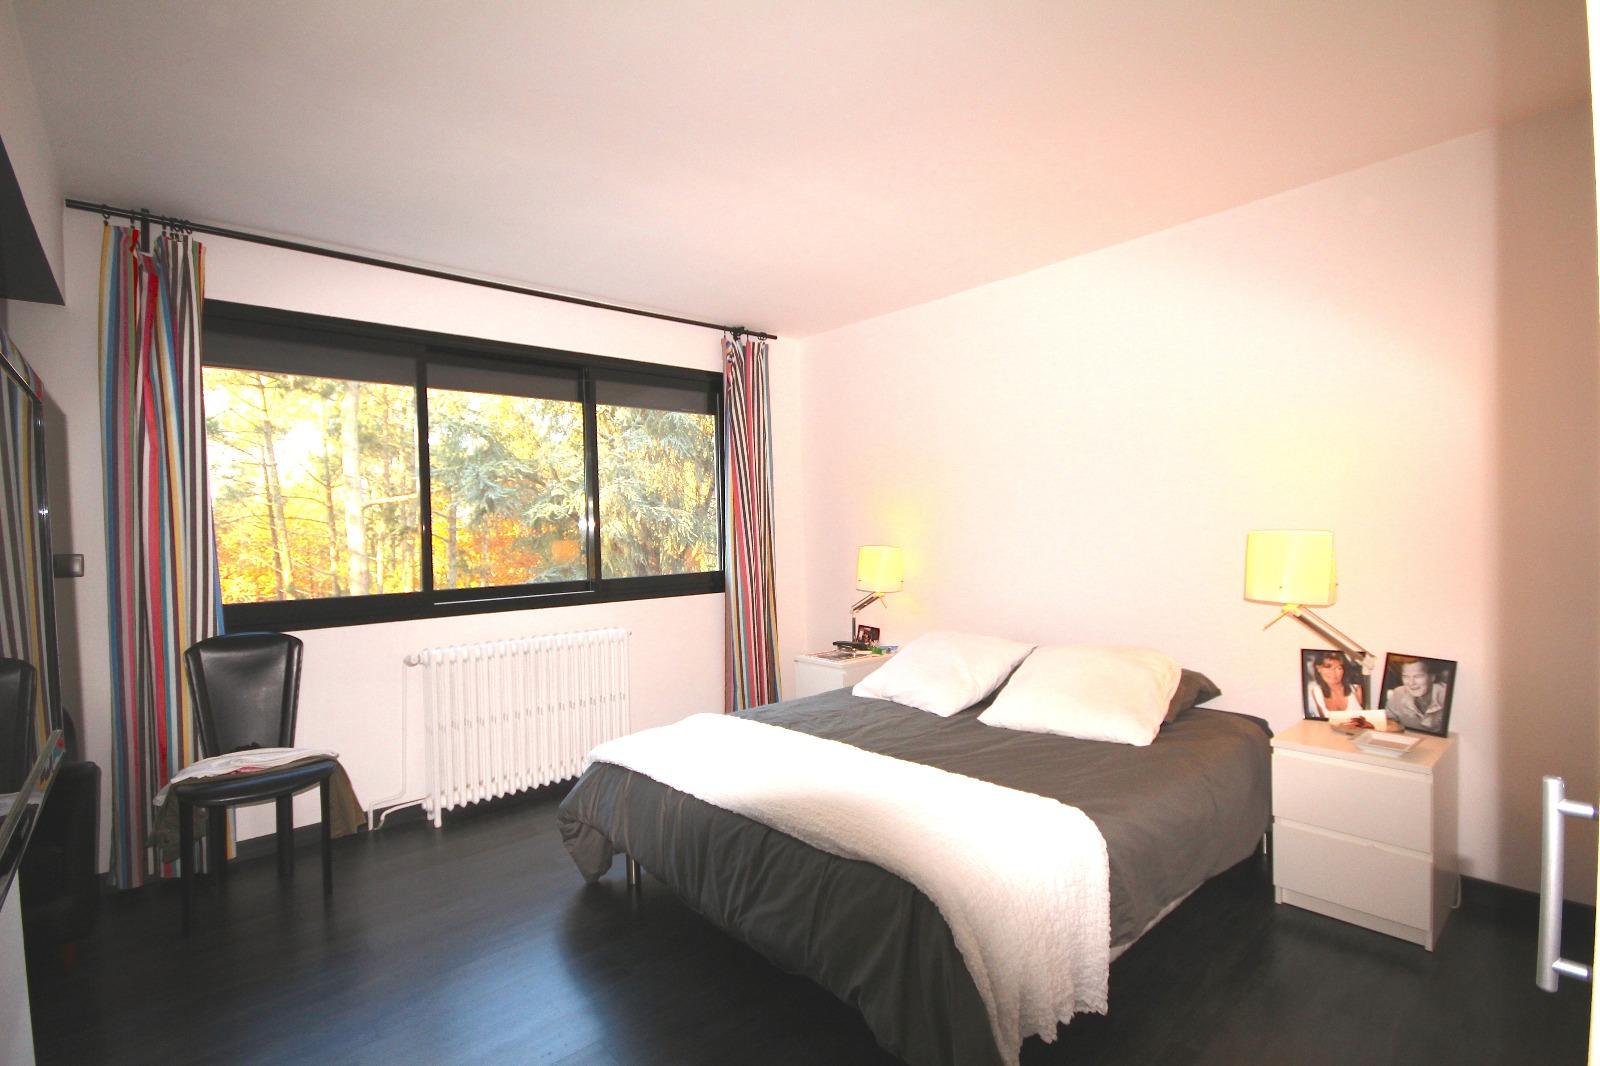 vente villa arcachon 33120 94m avec 4 pi ce s dont 2 chambre s sur 293m de terrain. Black Bedroom Furniture Sets. Home Design Ideas